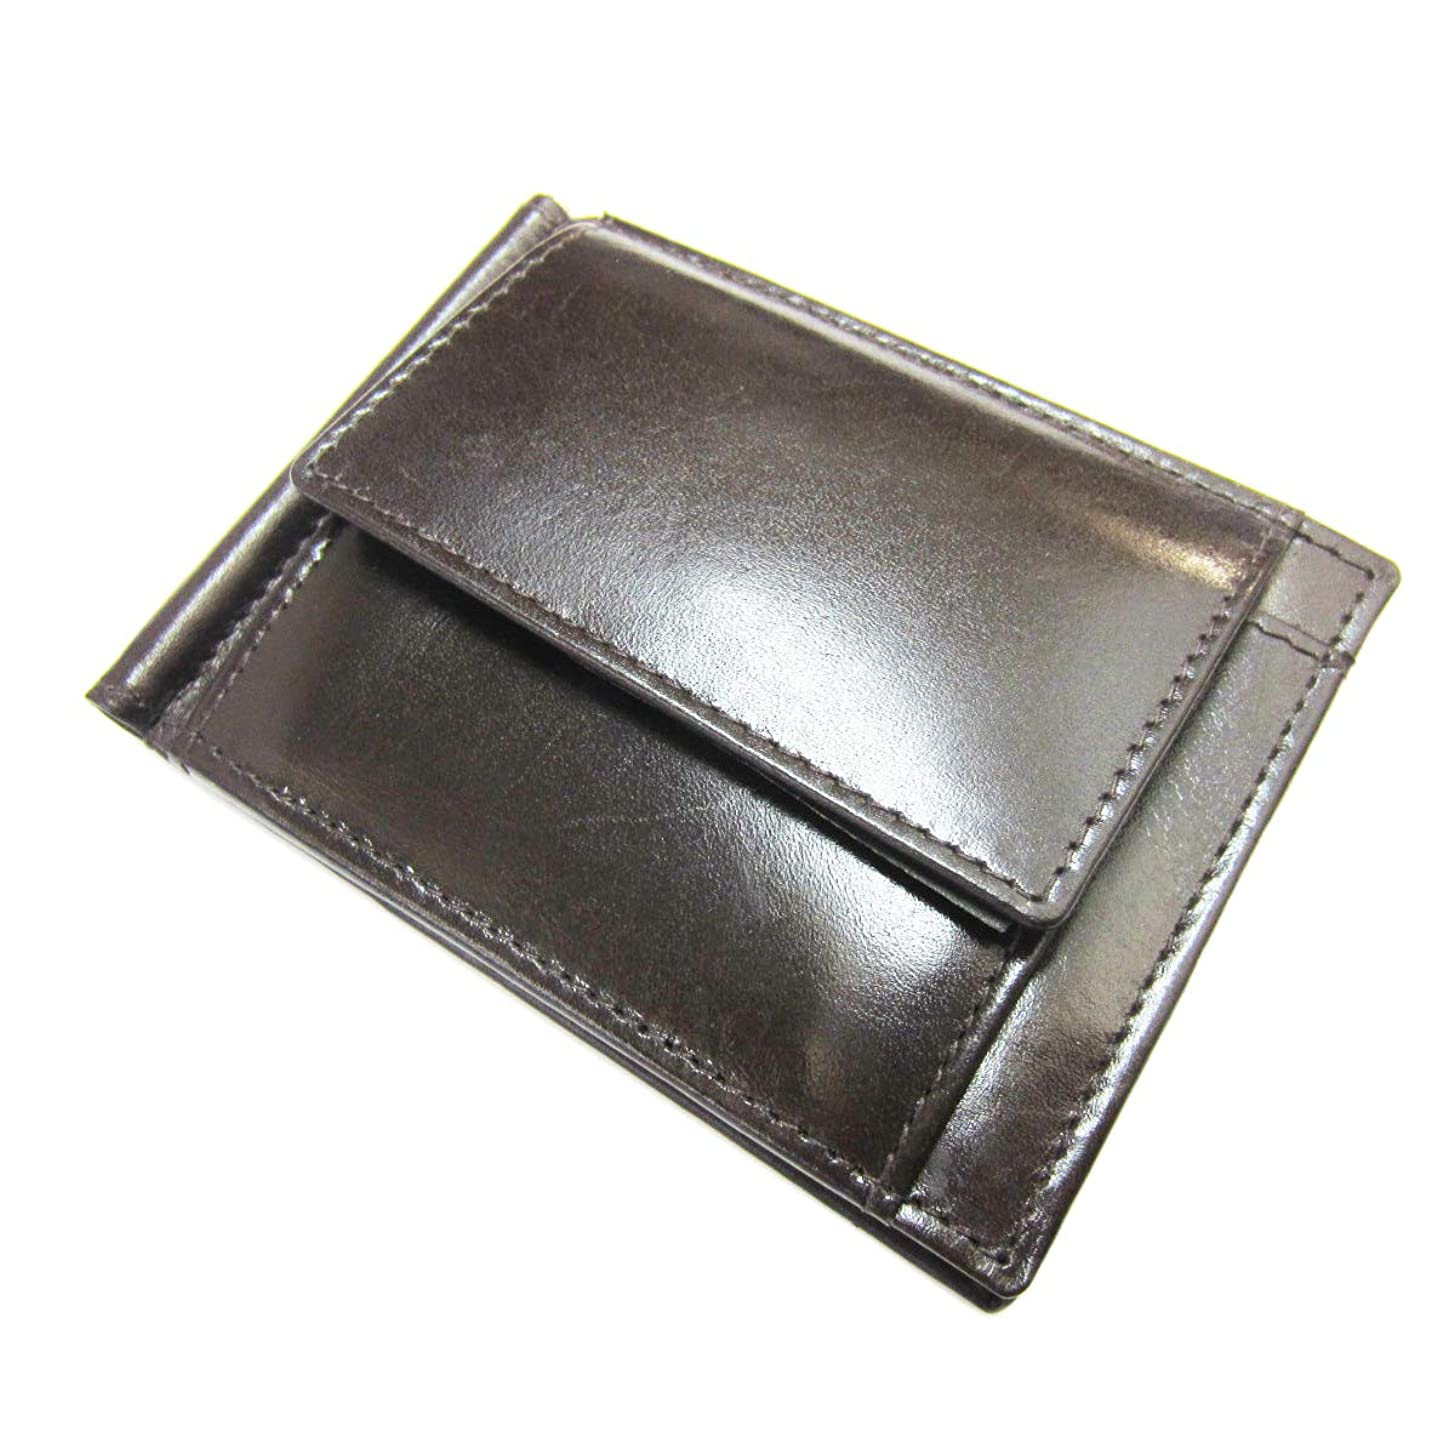 フリースハブブほんのマネークリップ 小銭入れ付き すっきり 札ばさみ 折財布 本革